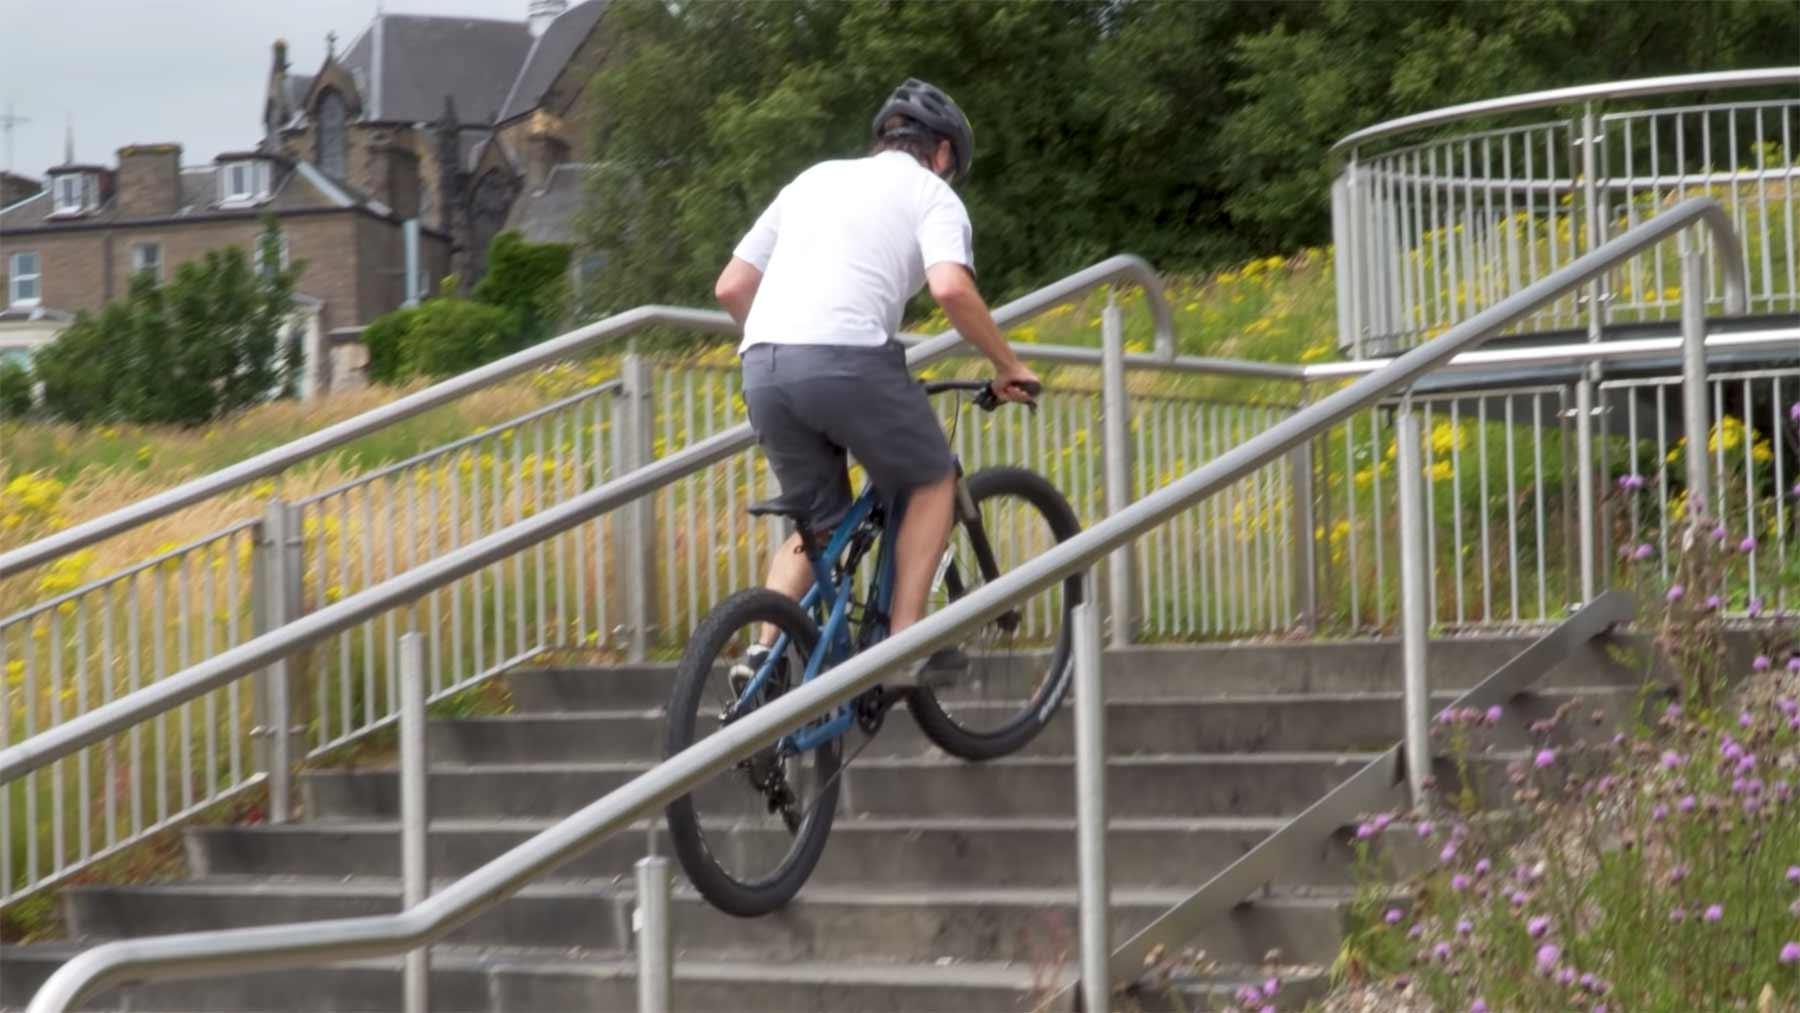 Mike Boyd lernt, Treppen mit Fahrrad hochzufahren